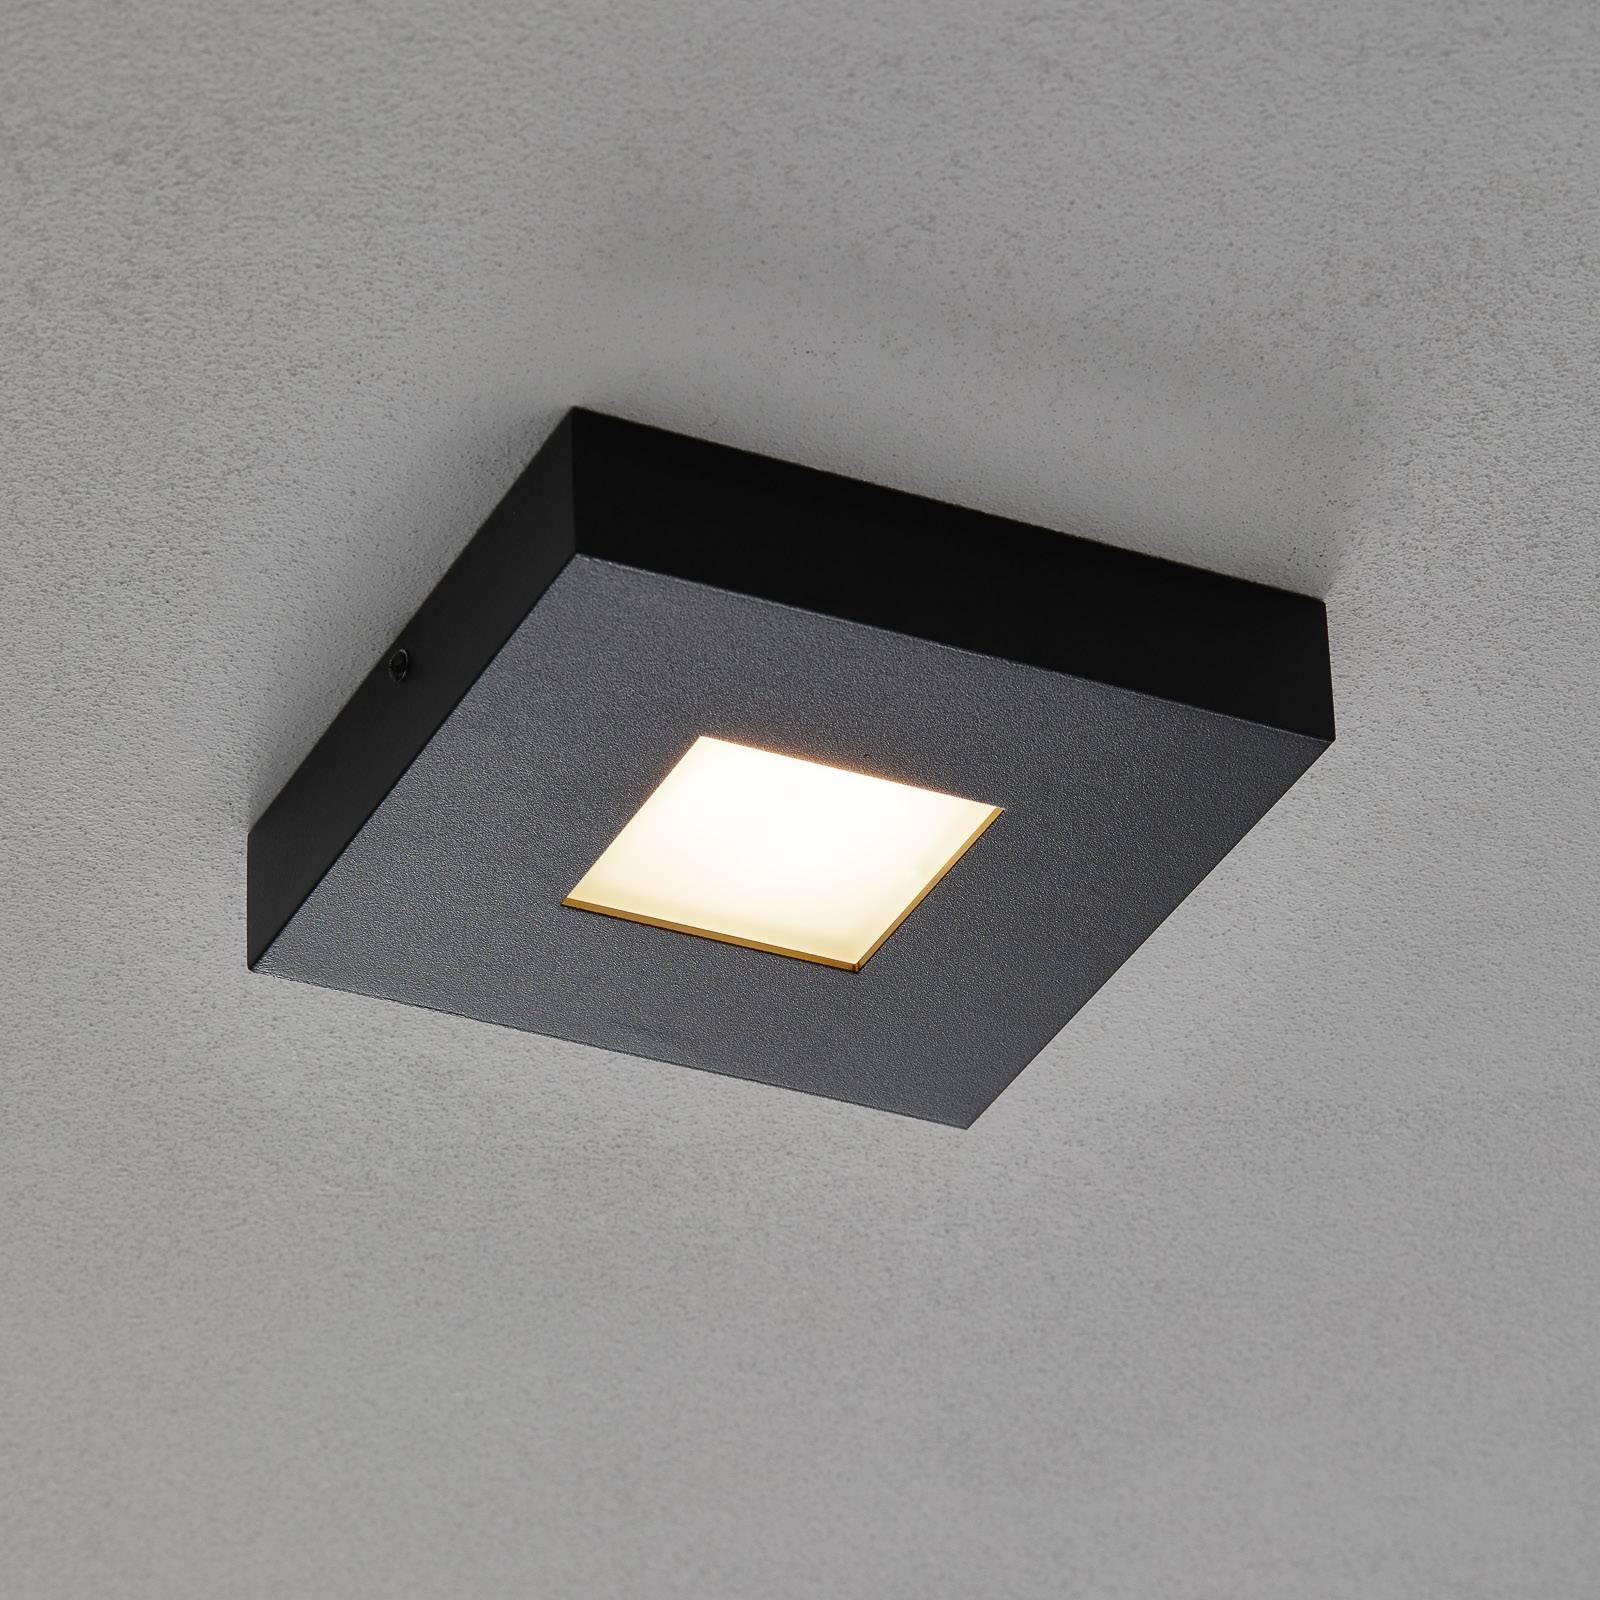 Bopp Cubus - LED-Deckenleuchte in Schwarz